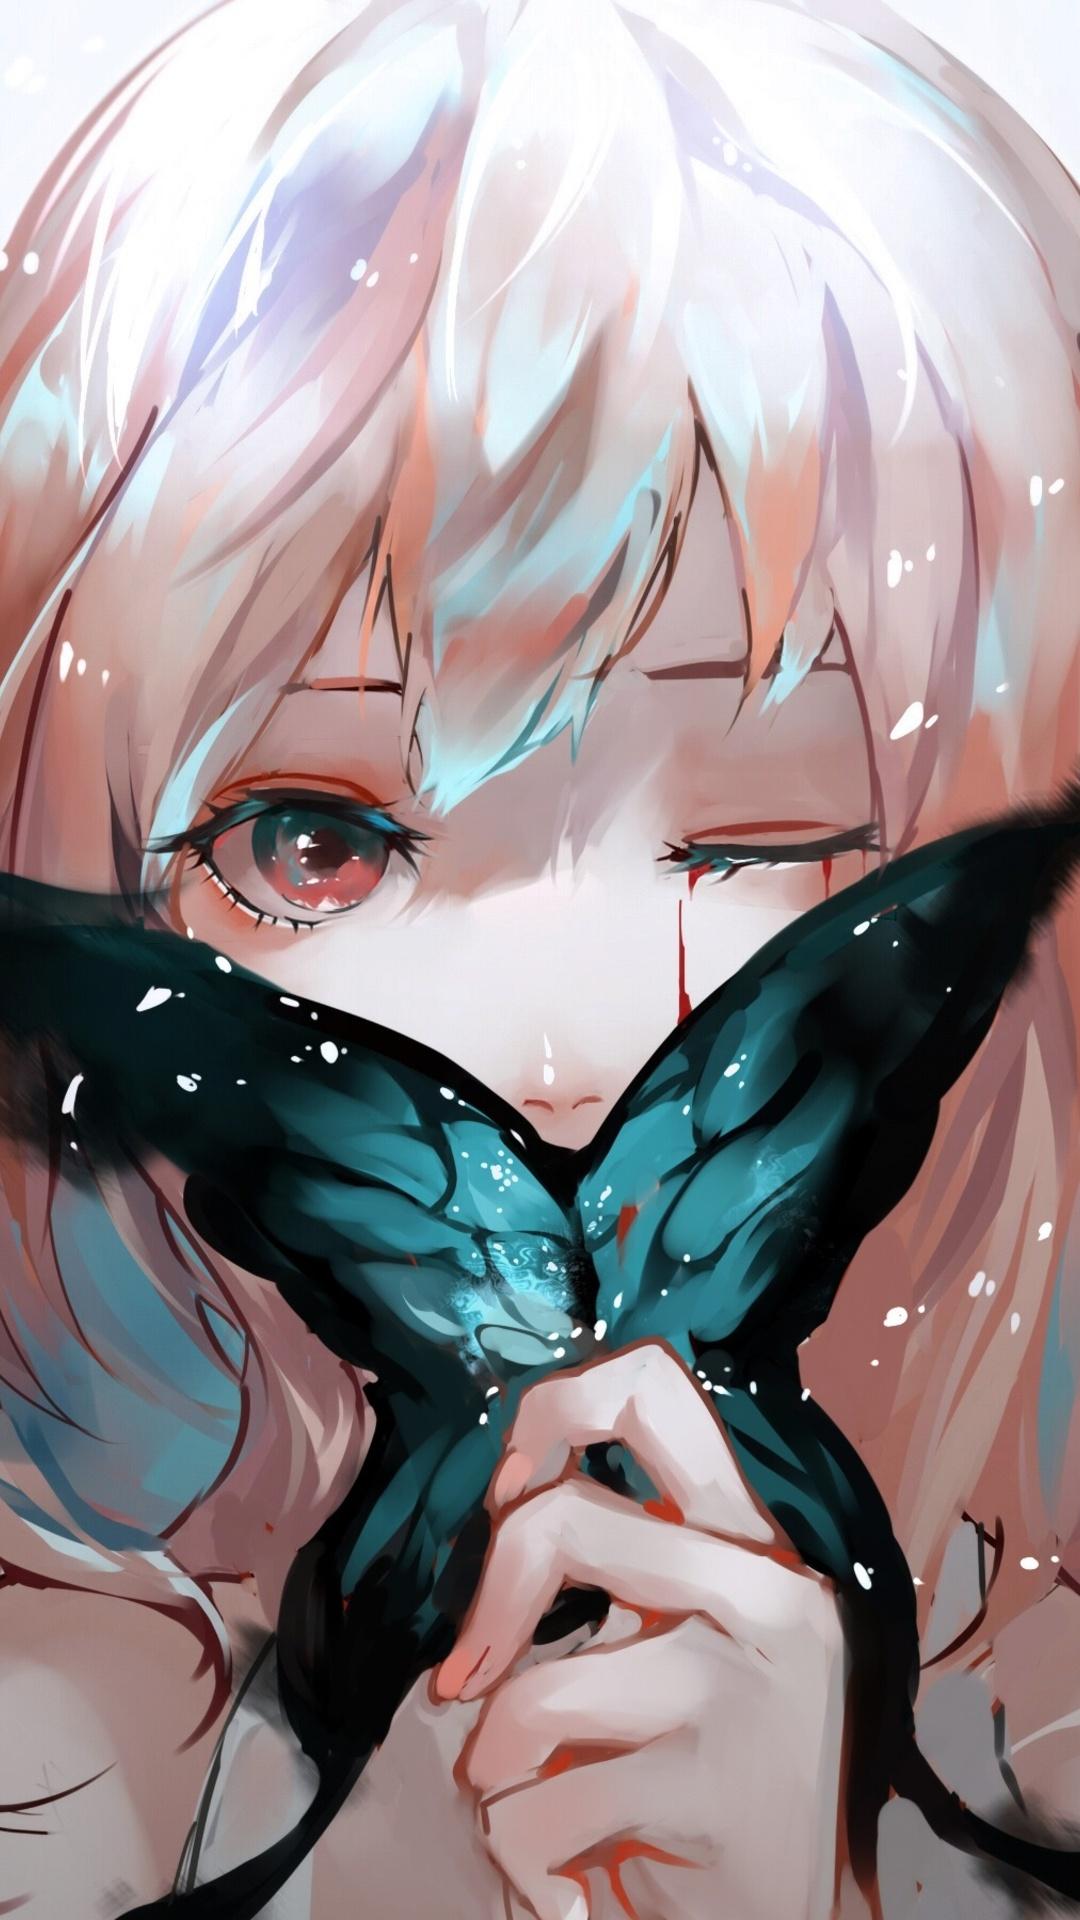 anime-girl-butterfly-artistic-dg.jpg